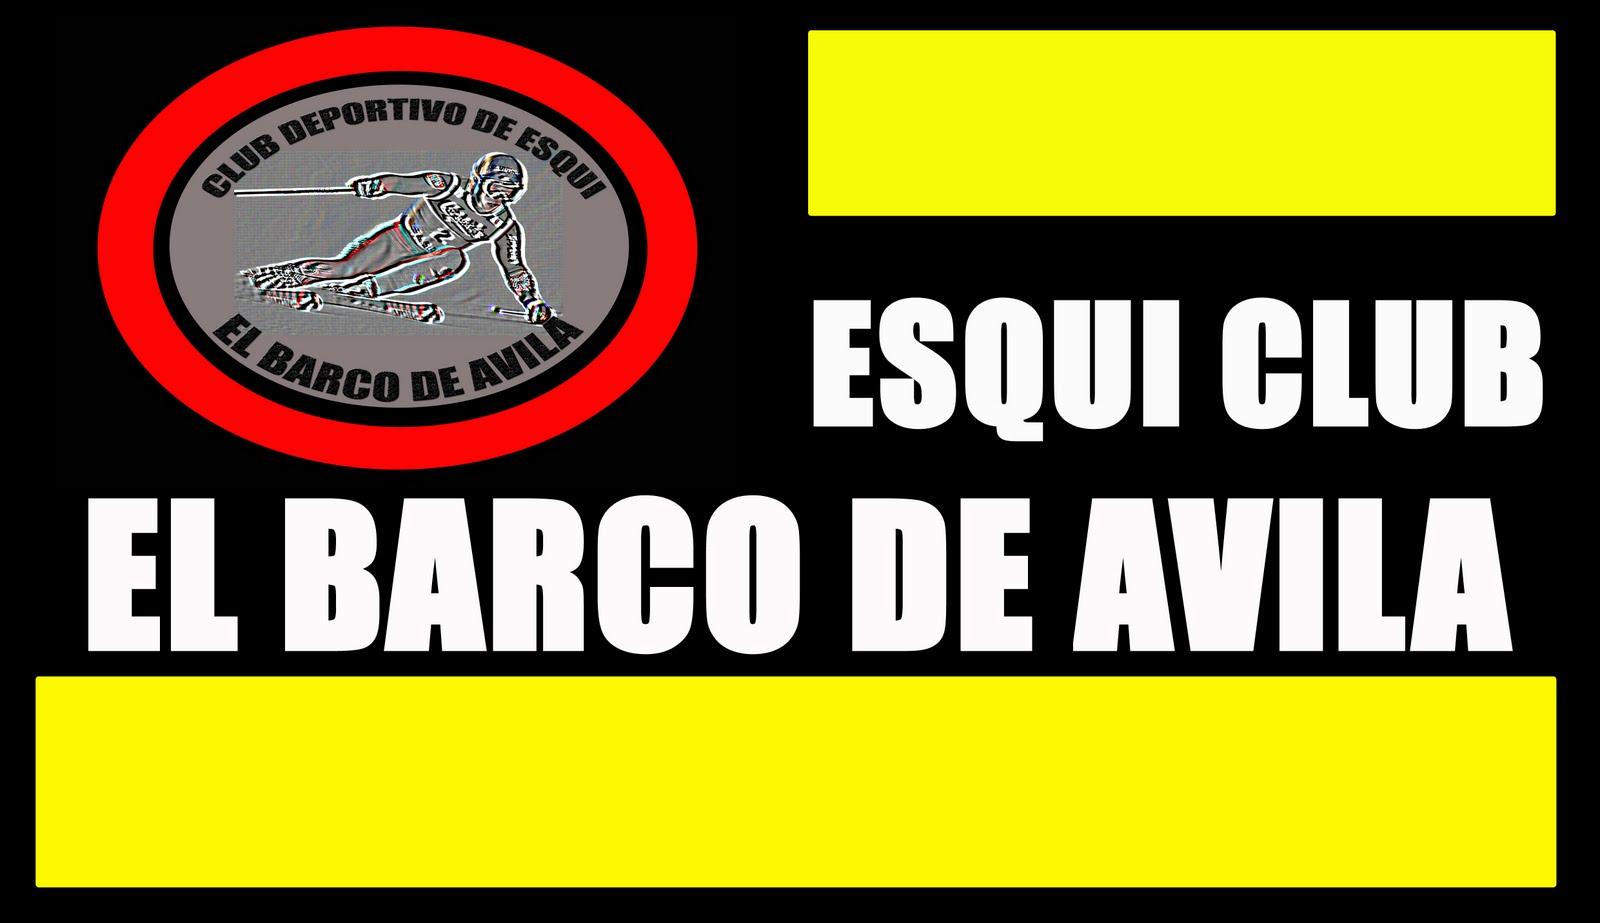 ESQUI CLUB EL BARCO DE AVILA